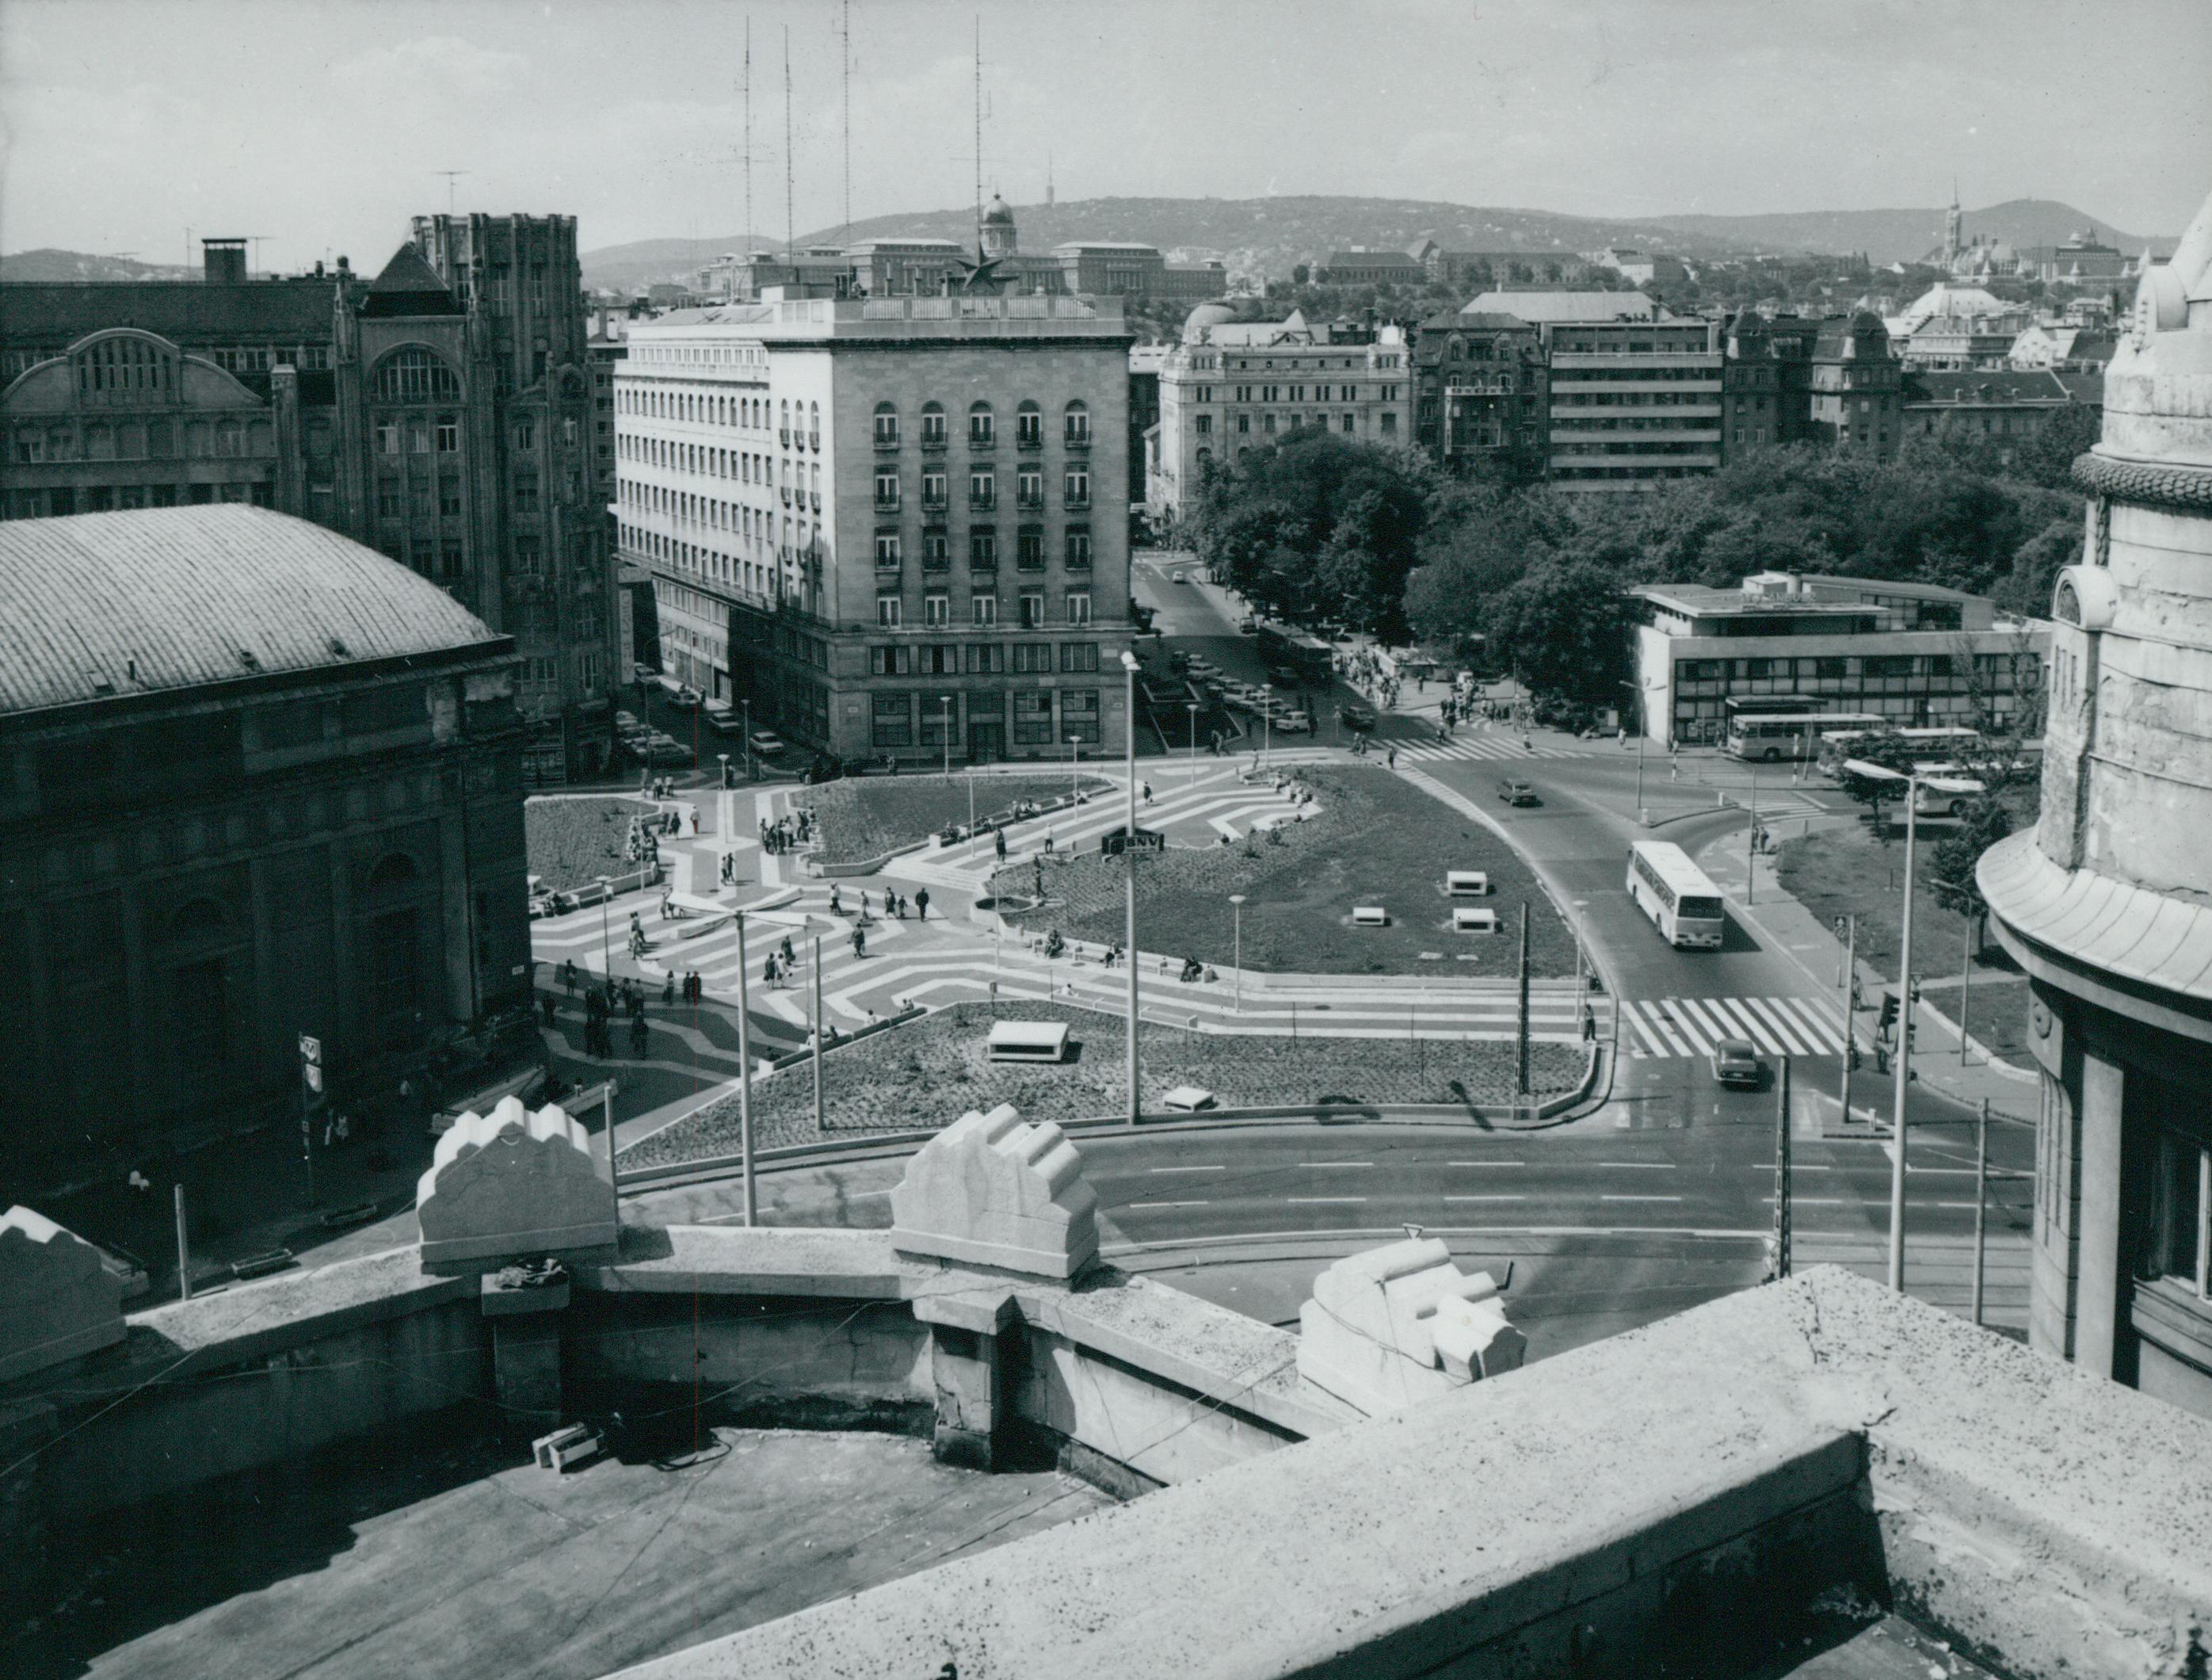 A Deák Ferenc tér látképe az Anker-palota erkélyéről fotózva